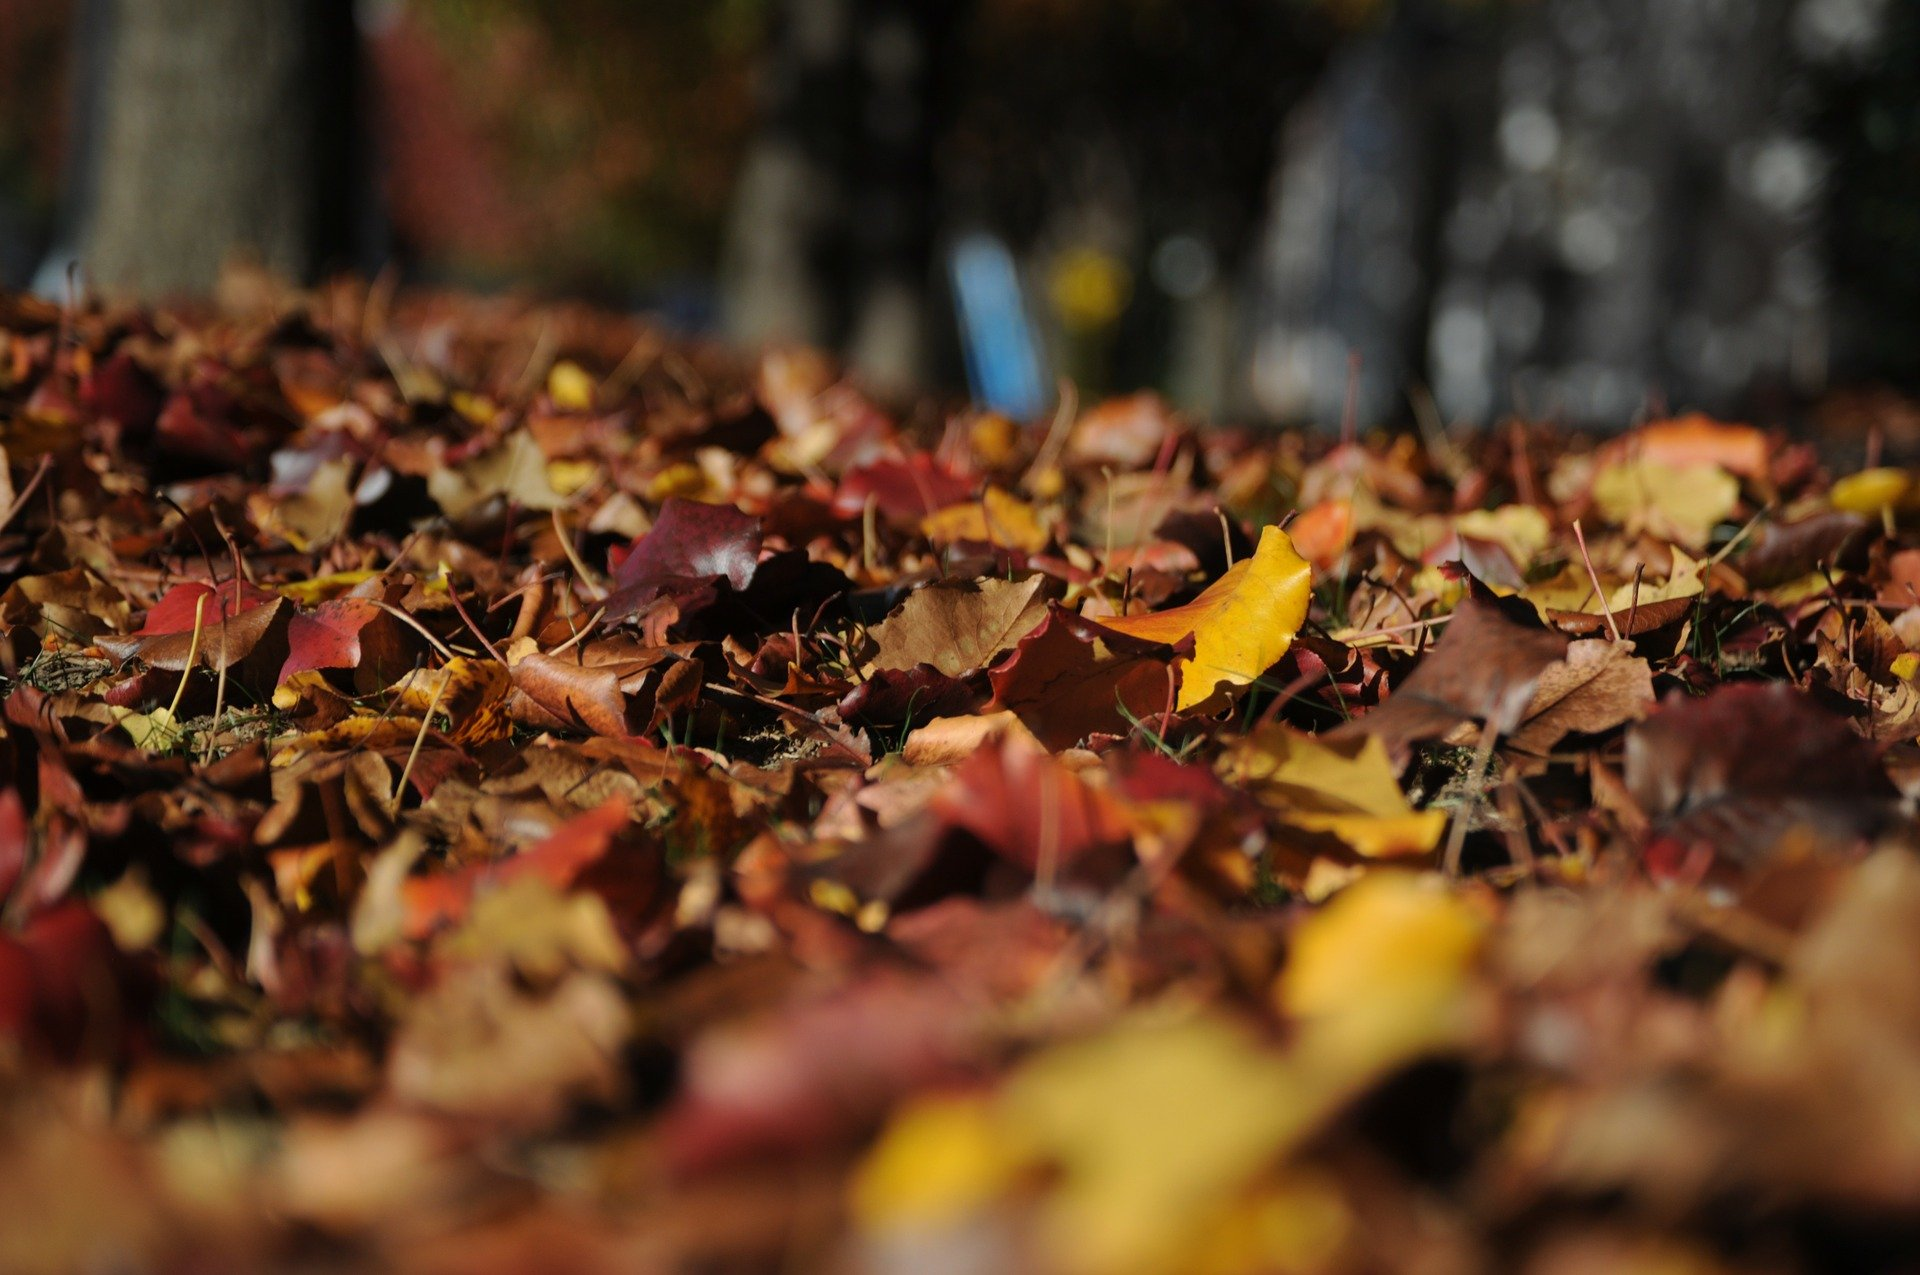 leaves-101329_1920